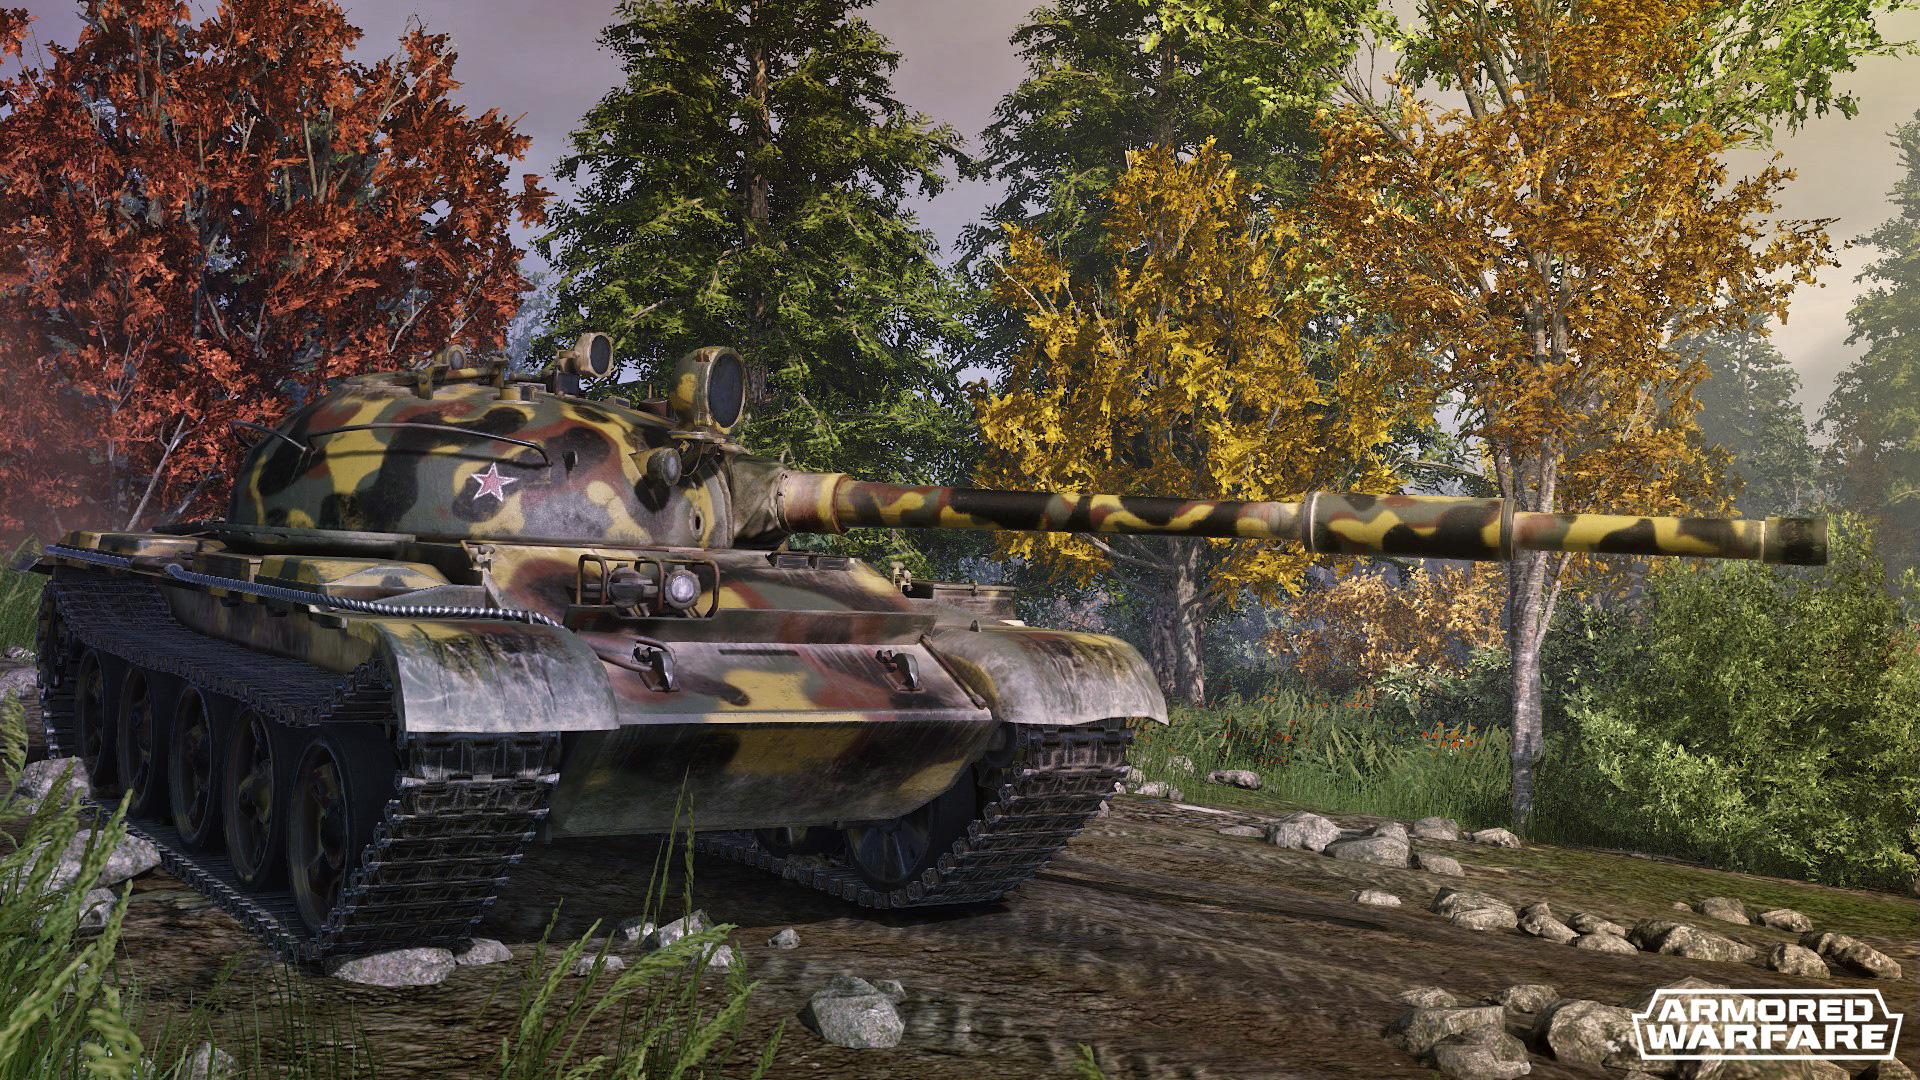 Armored Warfare verschenkt T-62 Panzer in Spezialausführung